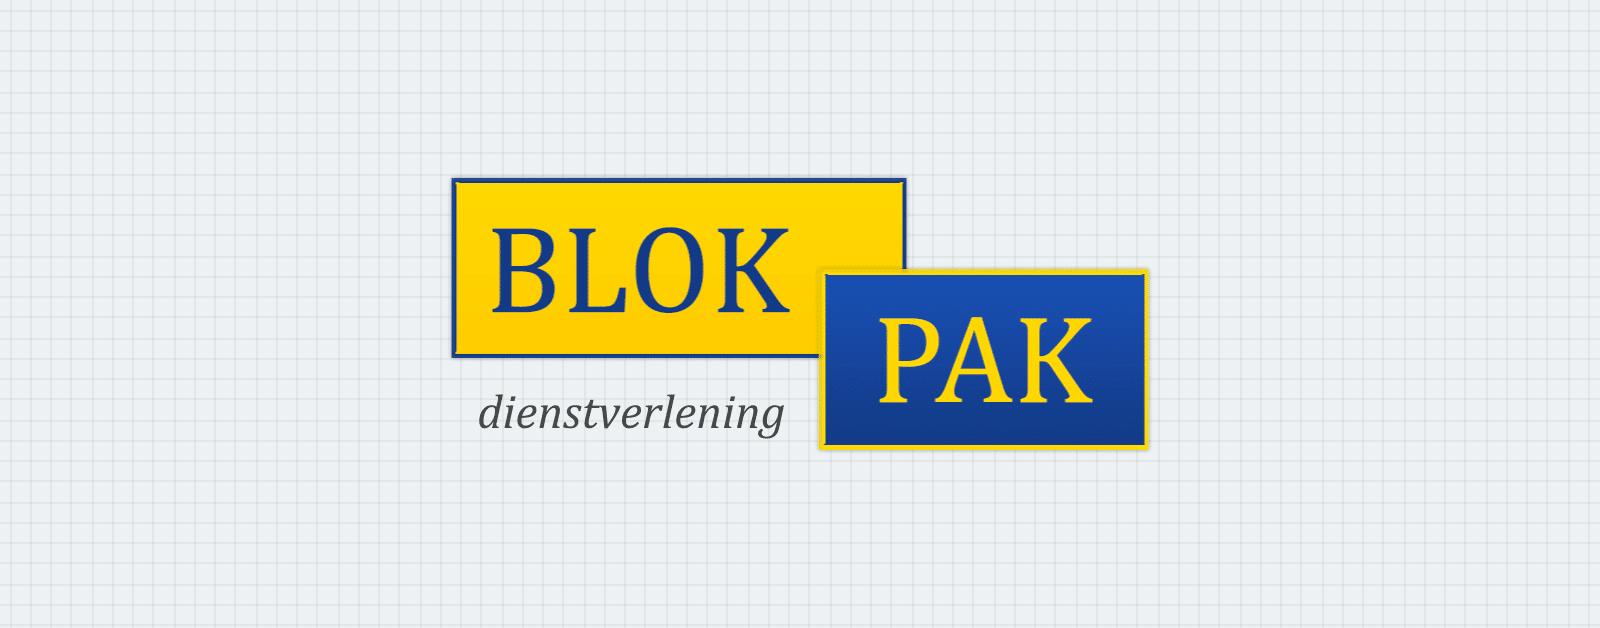 Afbeelding van het Blokpak logo